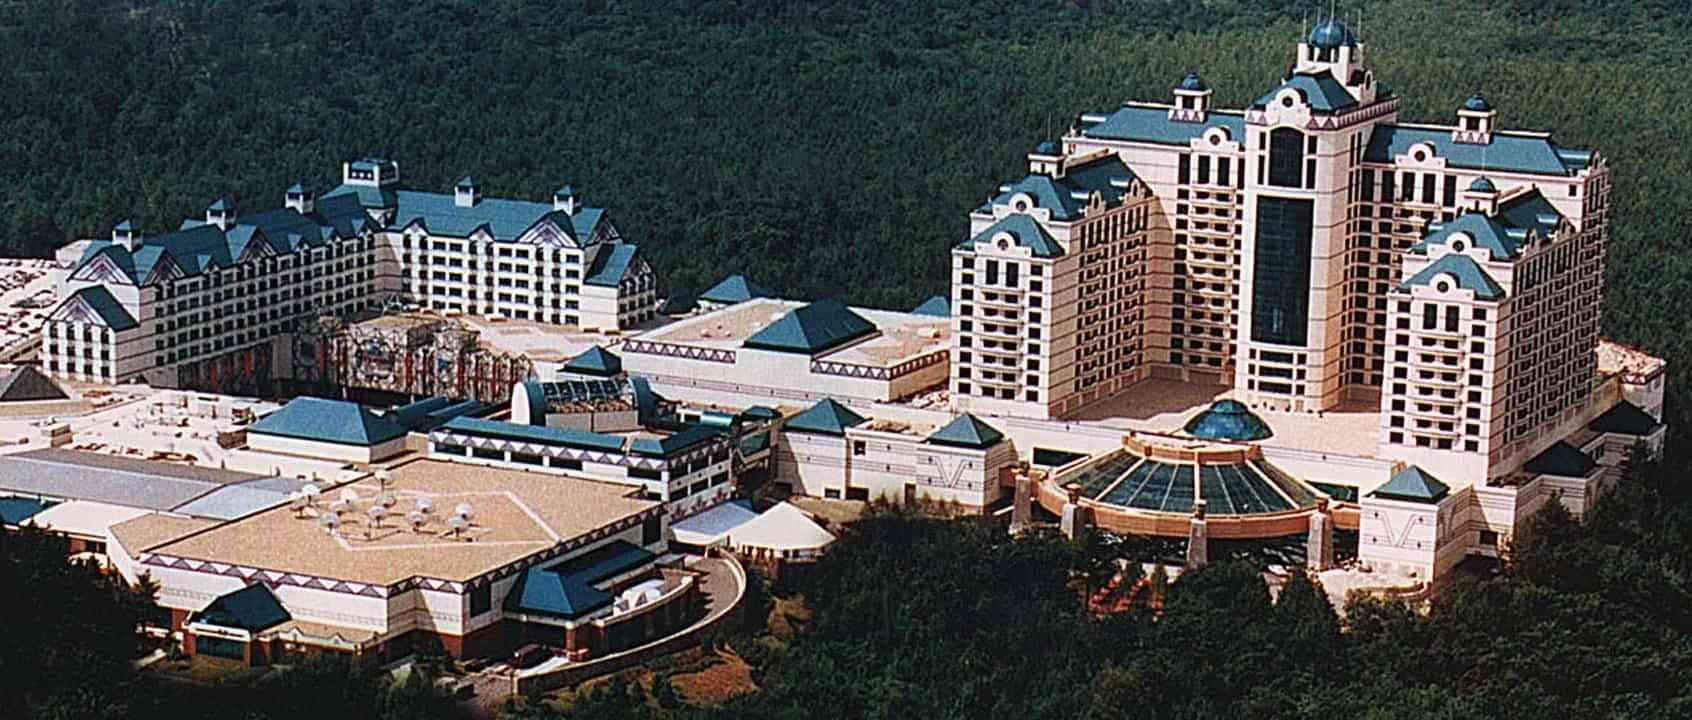 Estos son los casinos más singulares del mundo 4